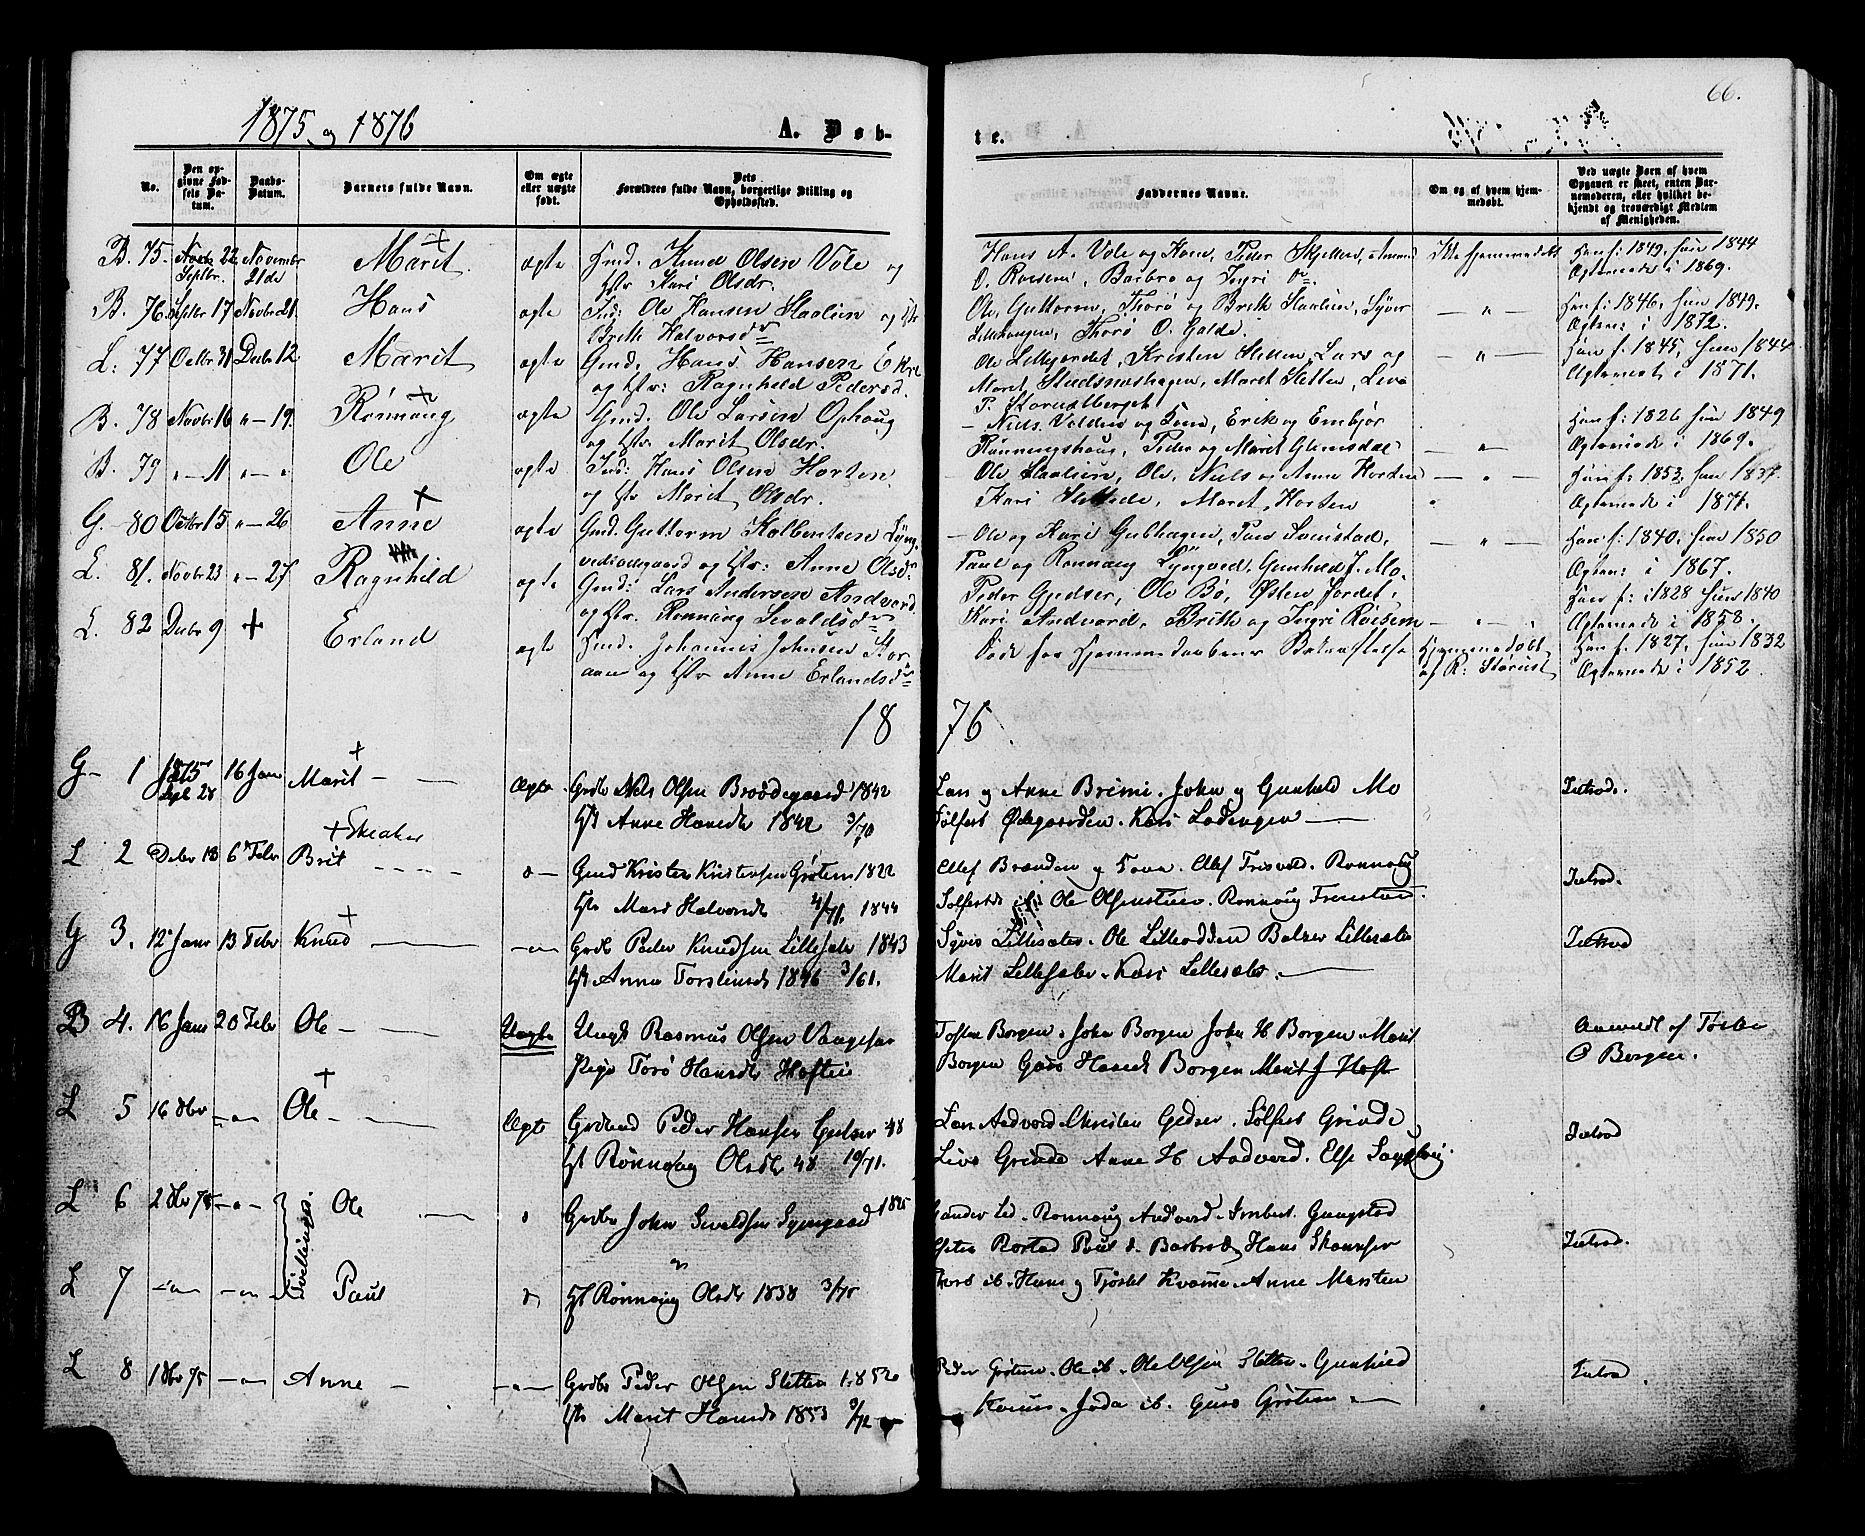 SAH, Lom prestekontor, K/L0007: Ministerialbok nr. 7, 1863-1884, s. 66